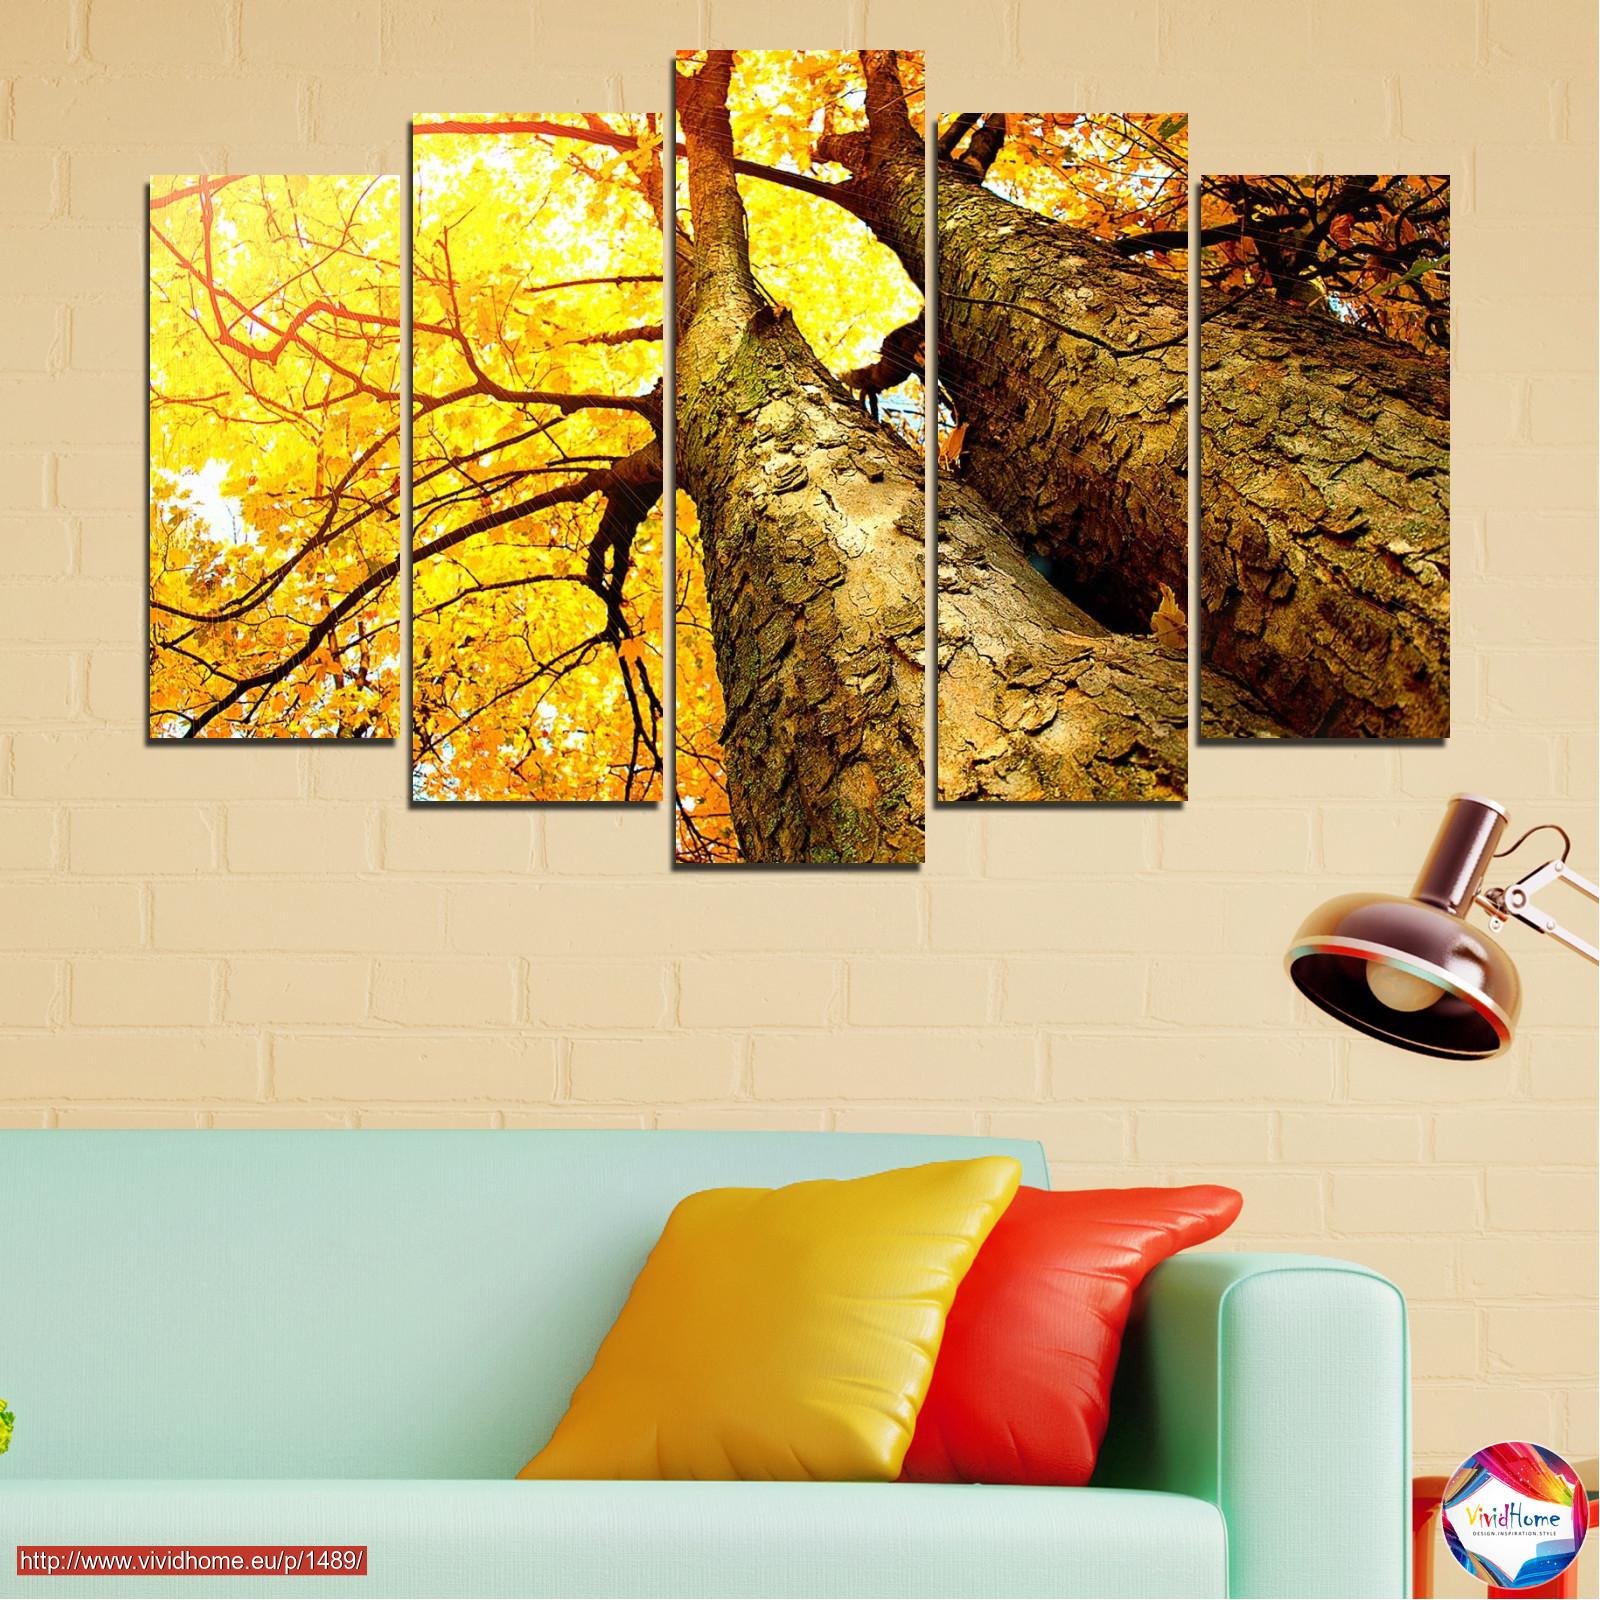 Forest, Tree, Autumn, Leaf, Trees, Leaves, Park №0762